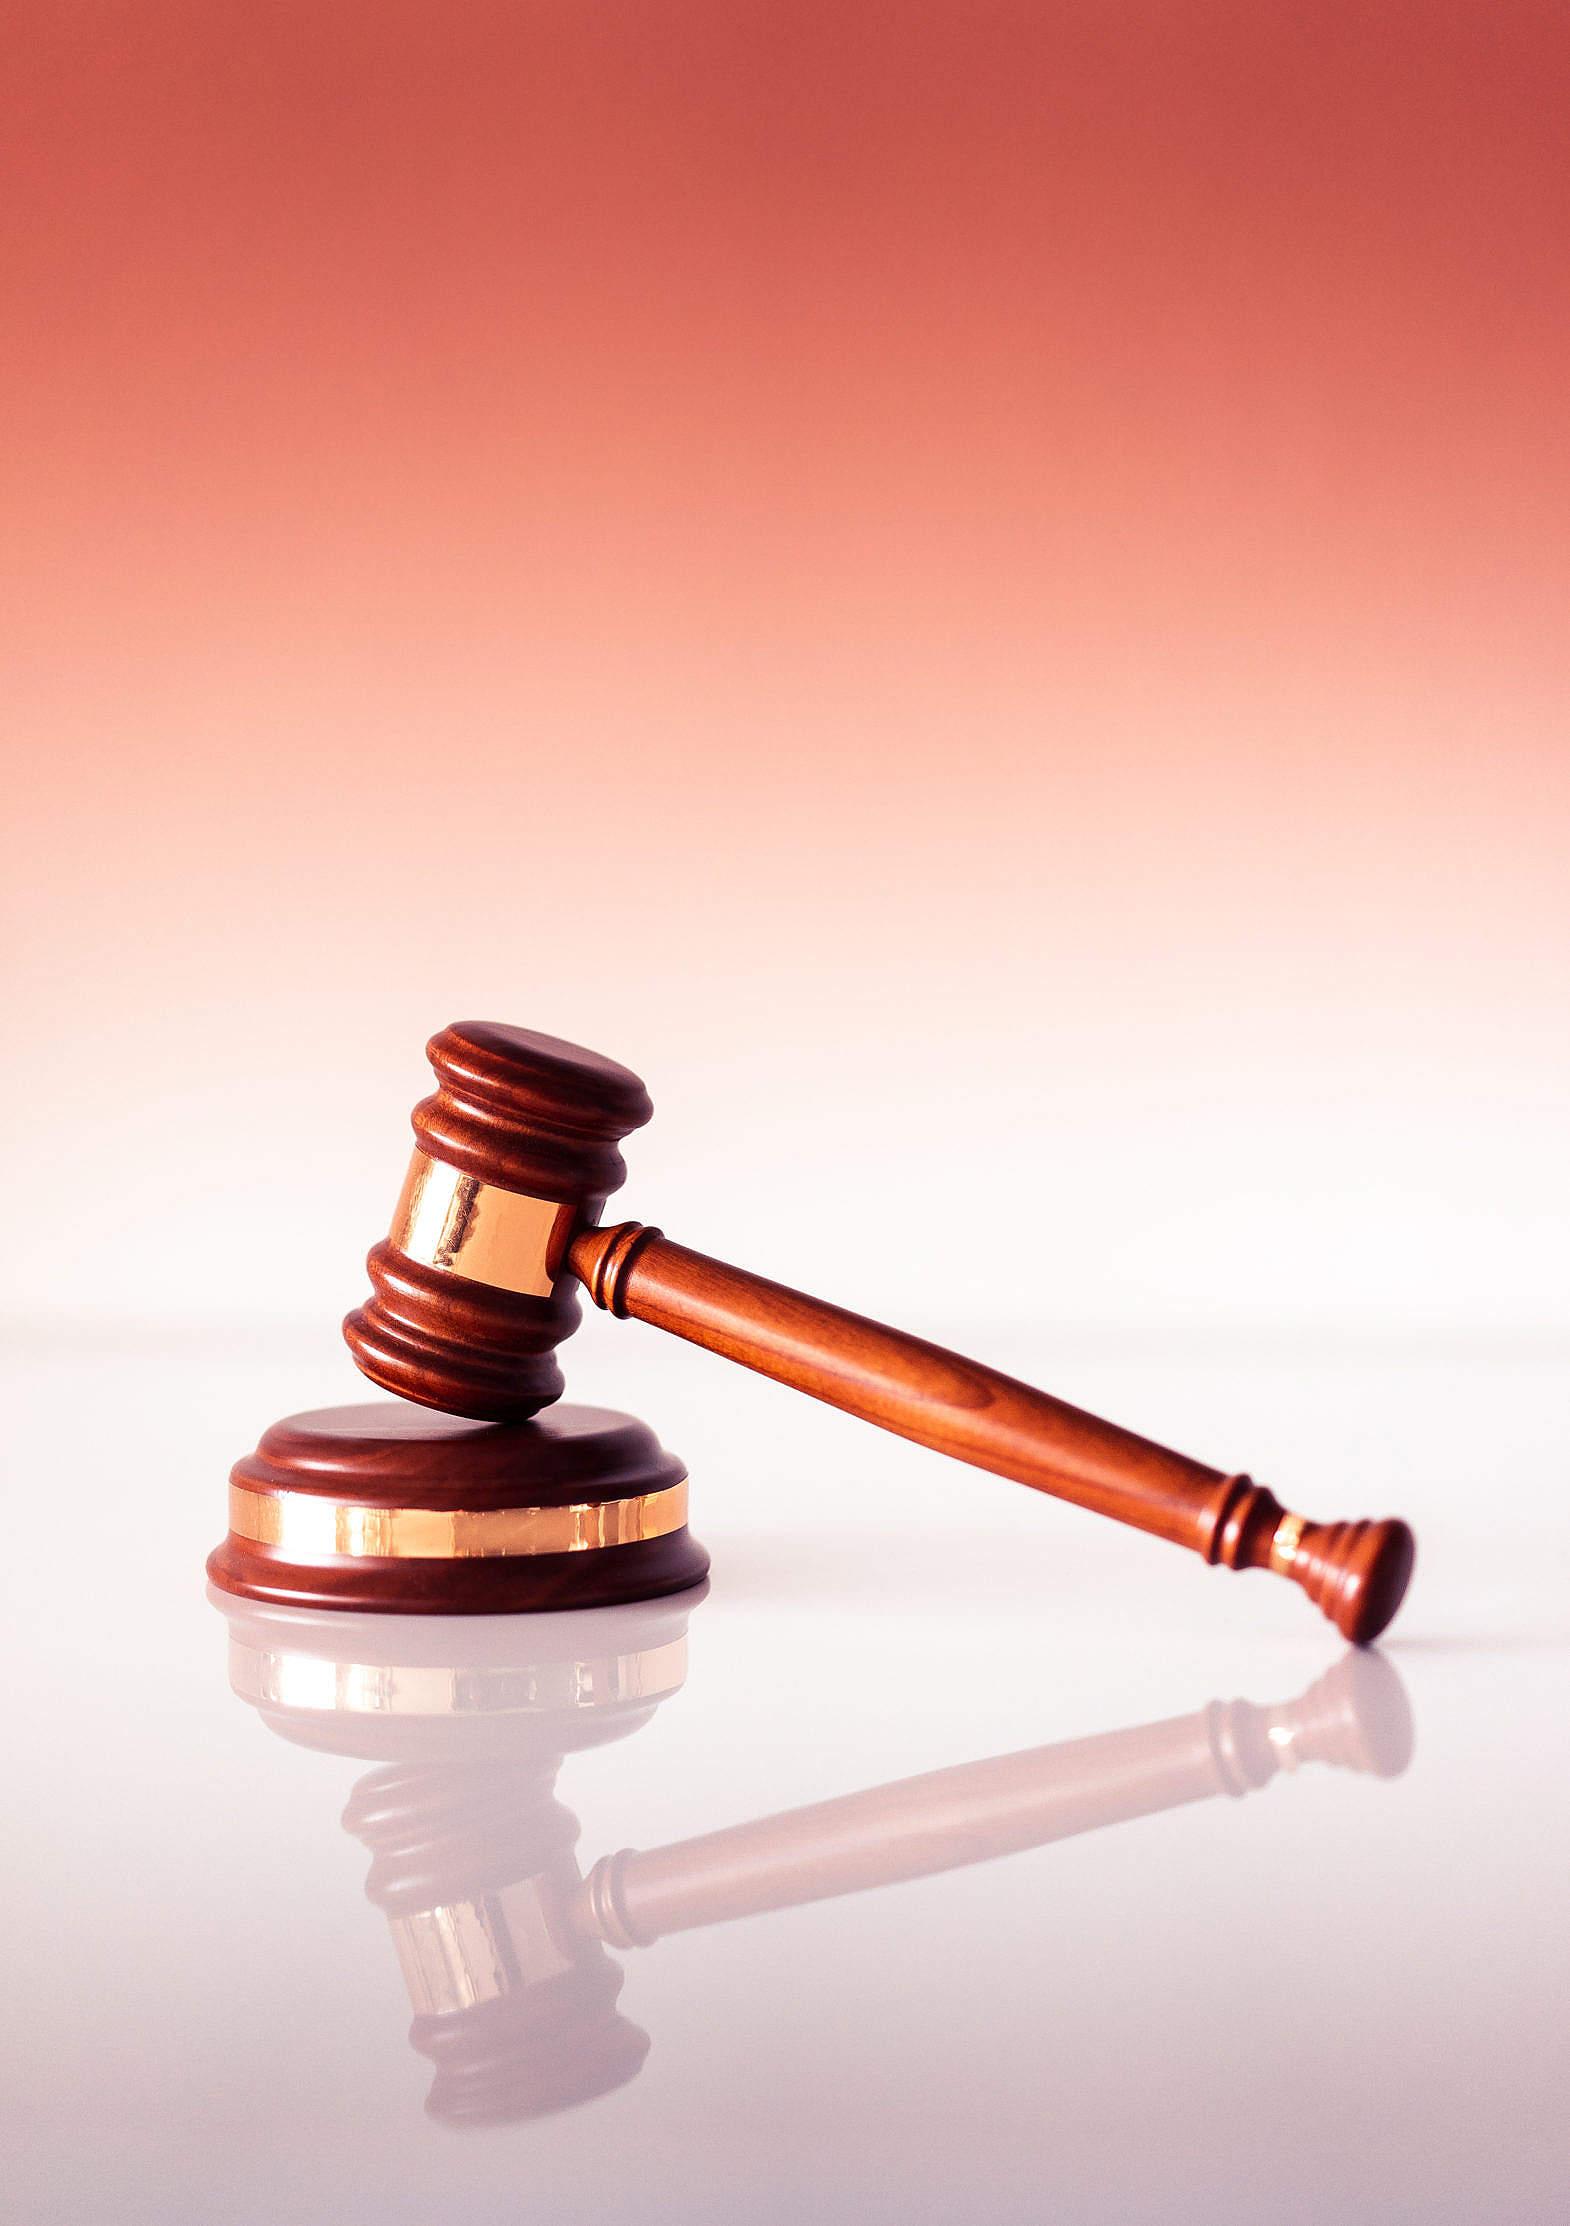 Wooden Judge's Gavel Free Stock Photo   picjumbo